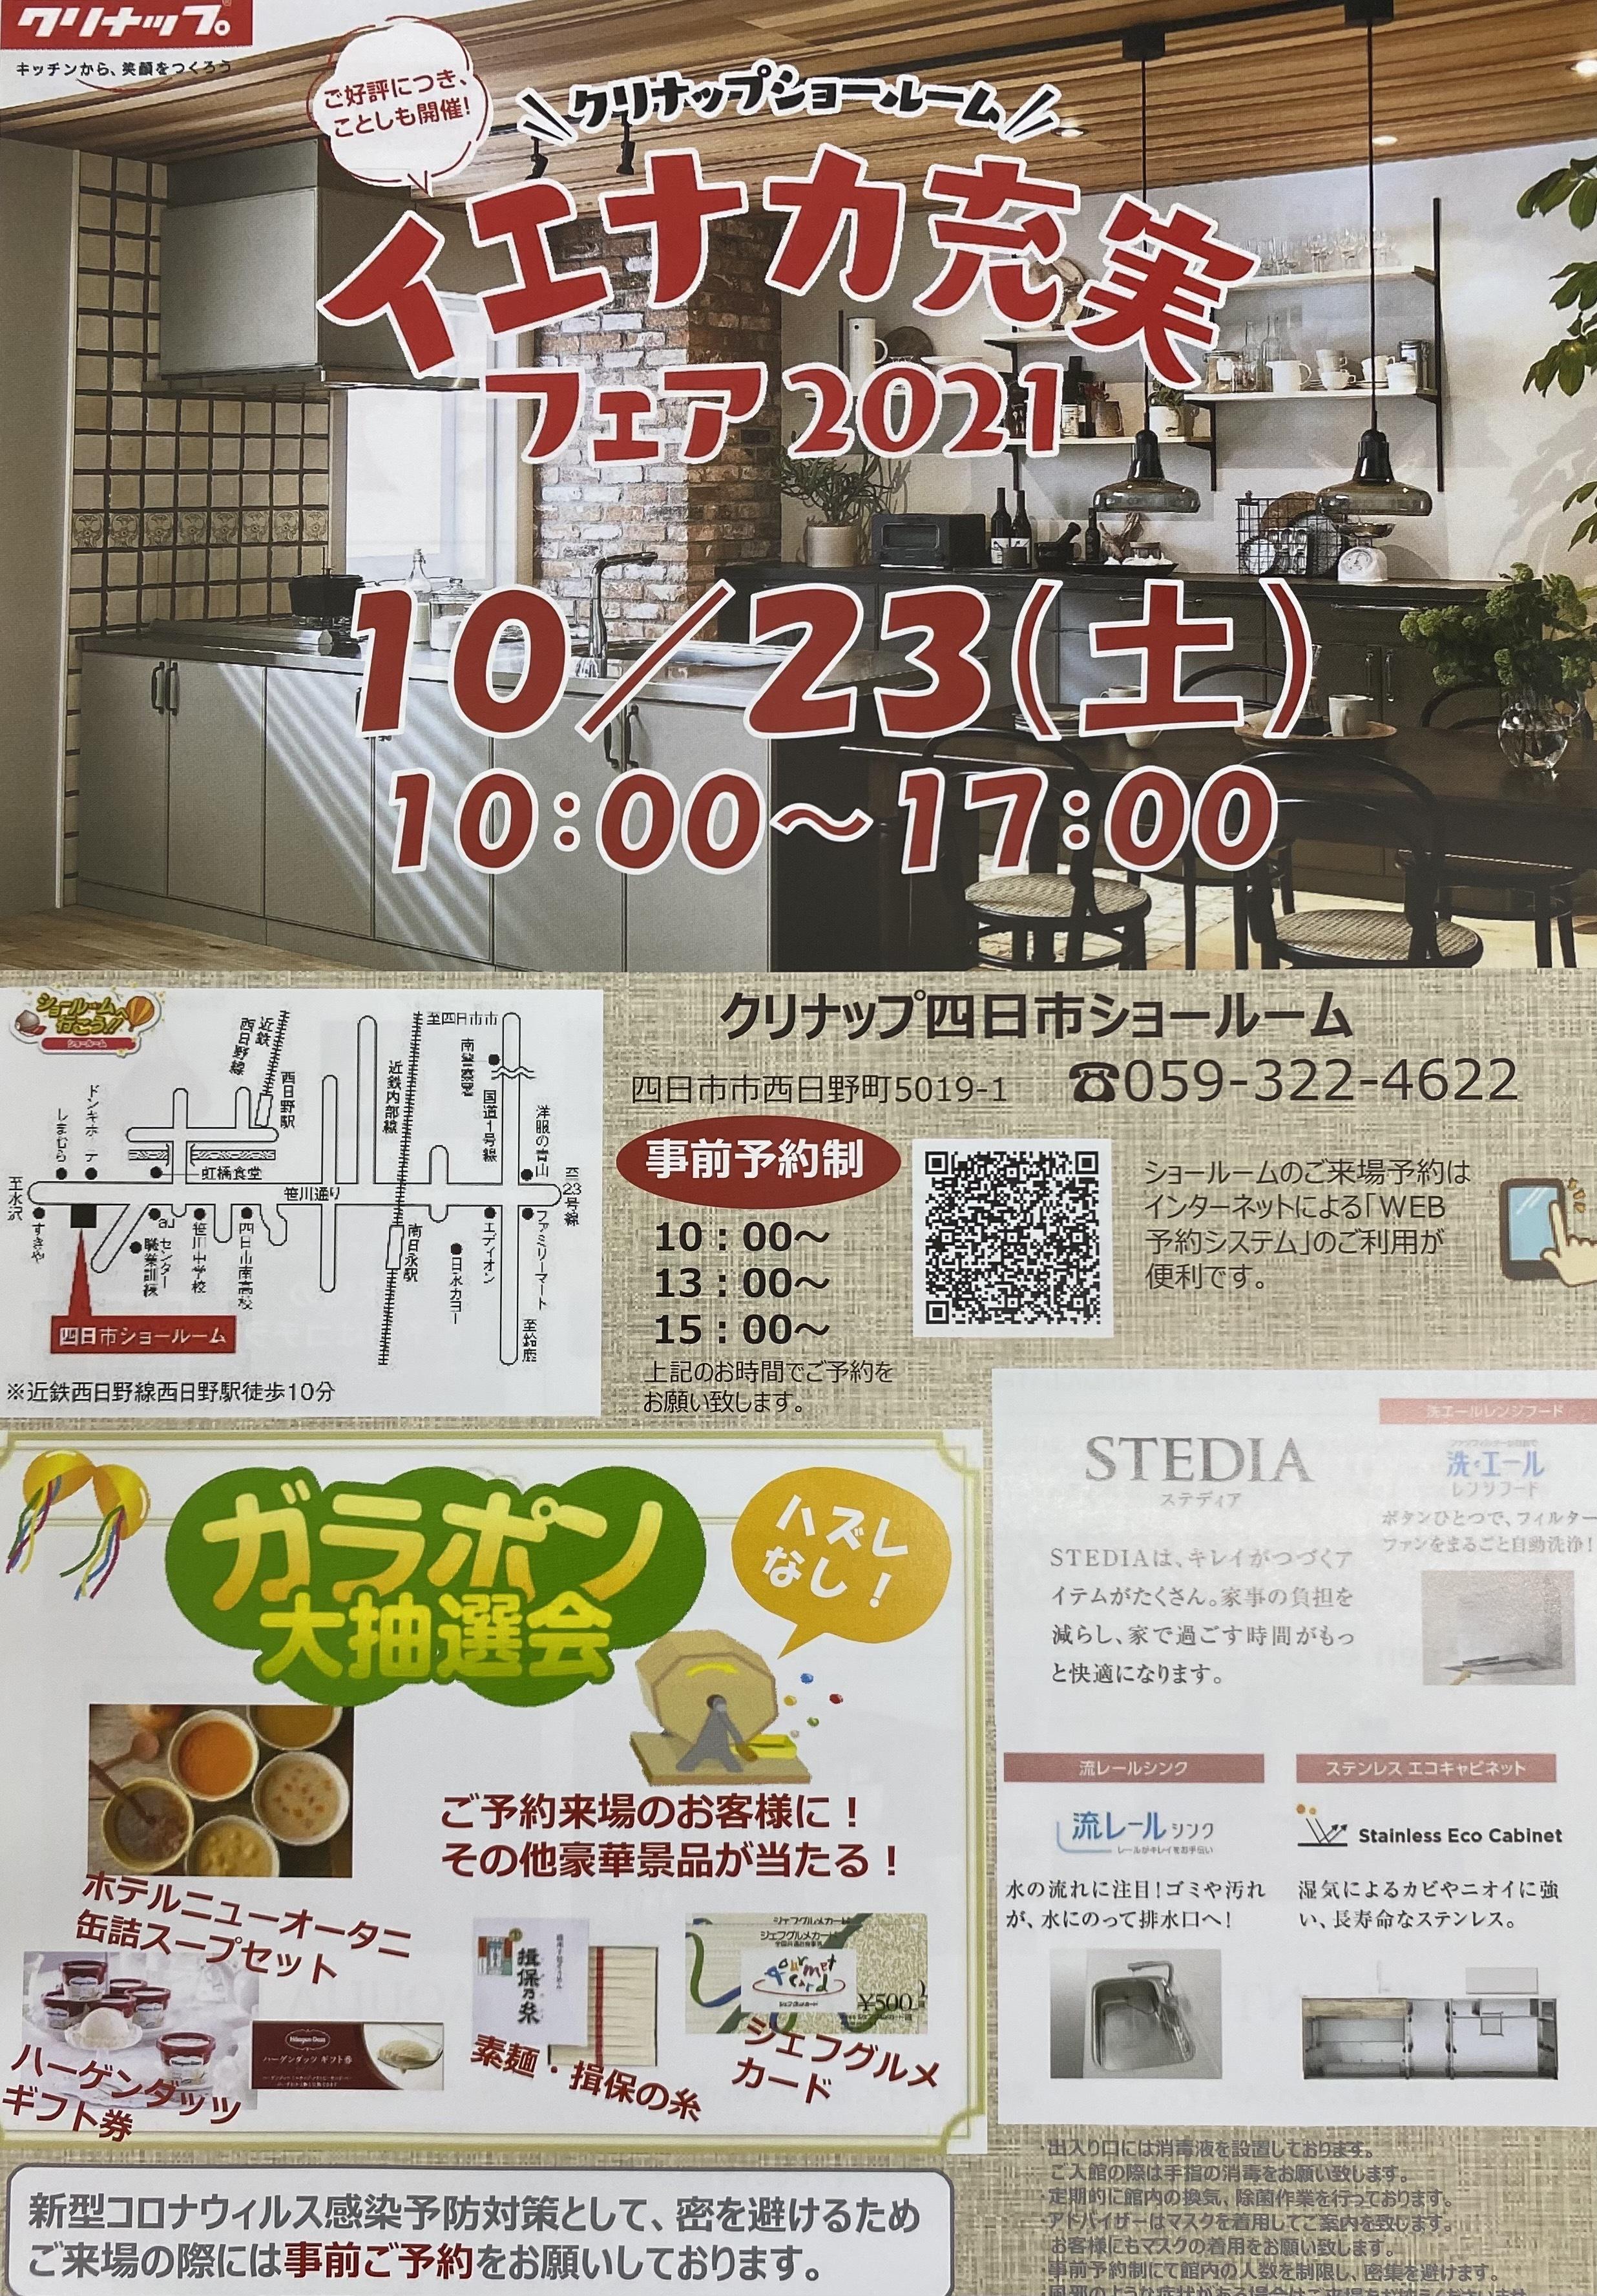 イエナカ充実フェア2021 10/23(...